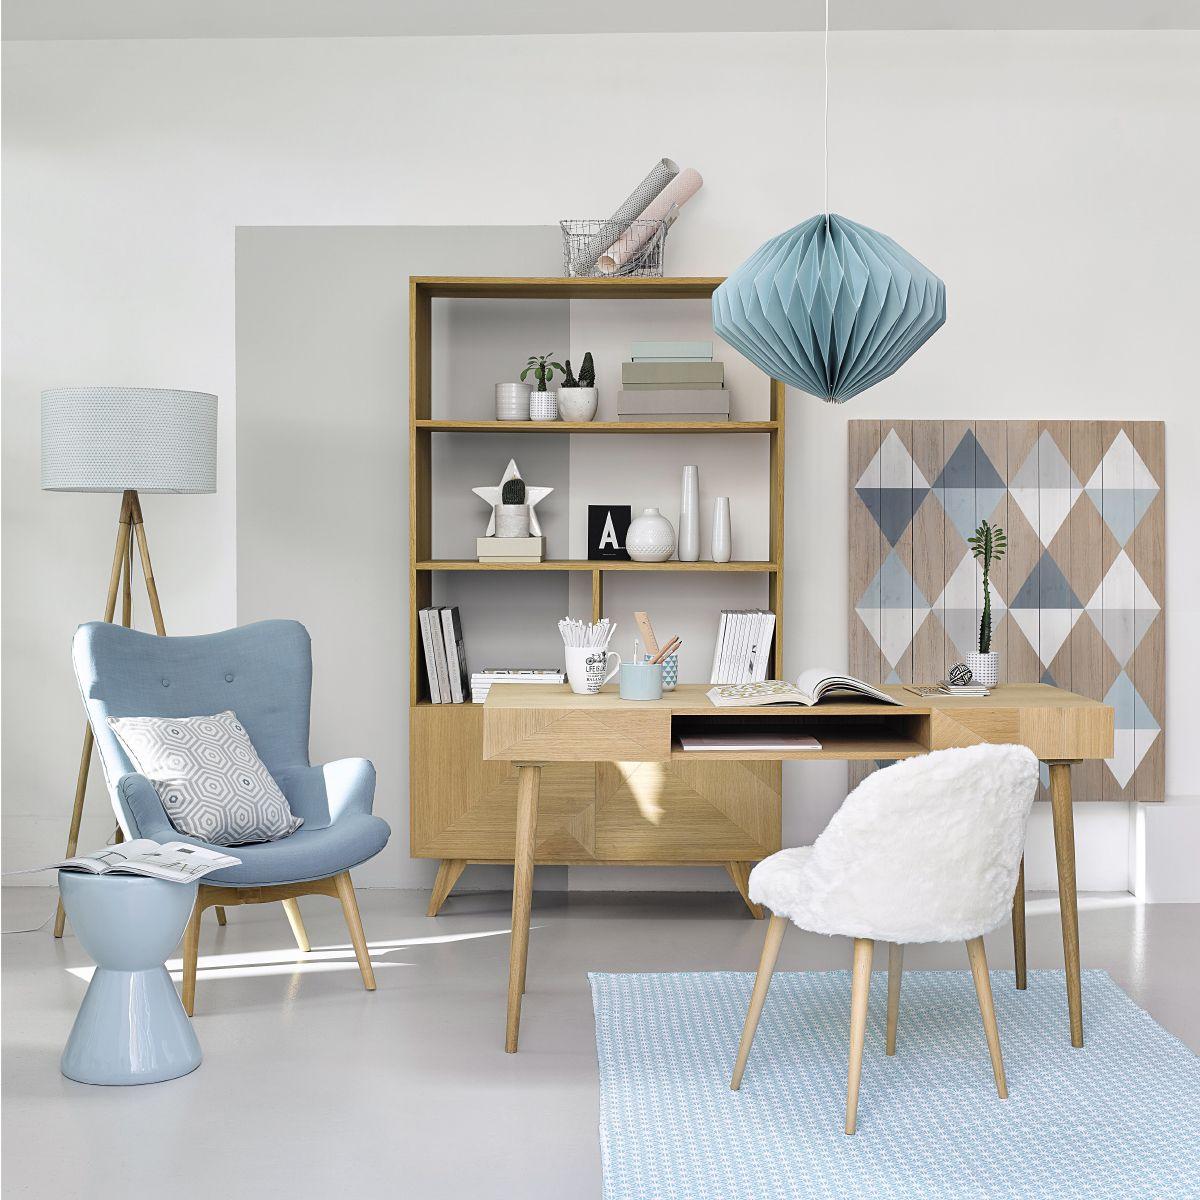 Decouvrez Le Nouveau Catalogue 2016 Maisons Du Monde Meuble Deco Decoration Maison Deco Interieure